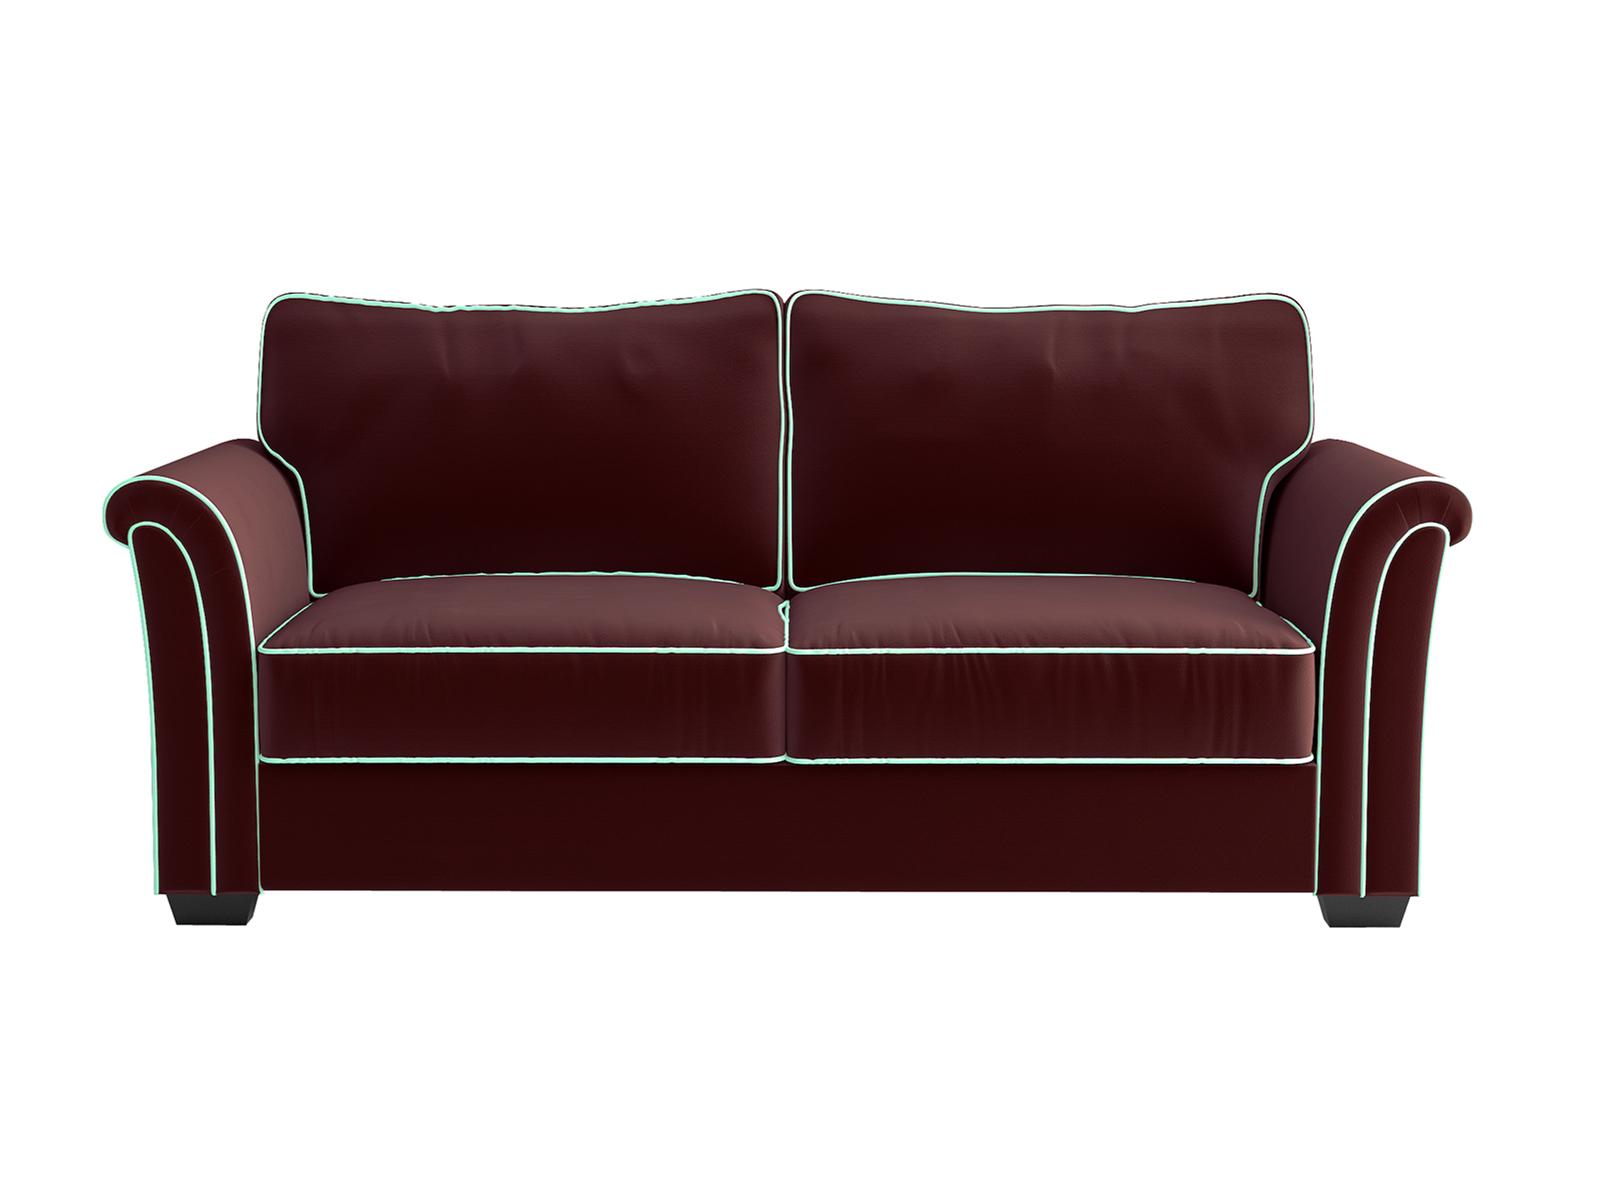 Диван-кровать двухместный SydneyДиваны и кушетки<br>Диван-кровать двухместный с мягким удобным сиденьем и механизмом трансформации Sedaflex. Размер спального места 1840х1330 мм.<br>